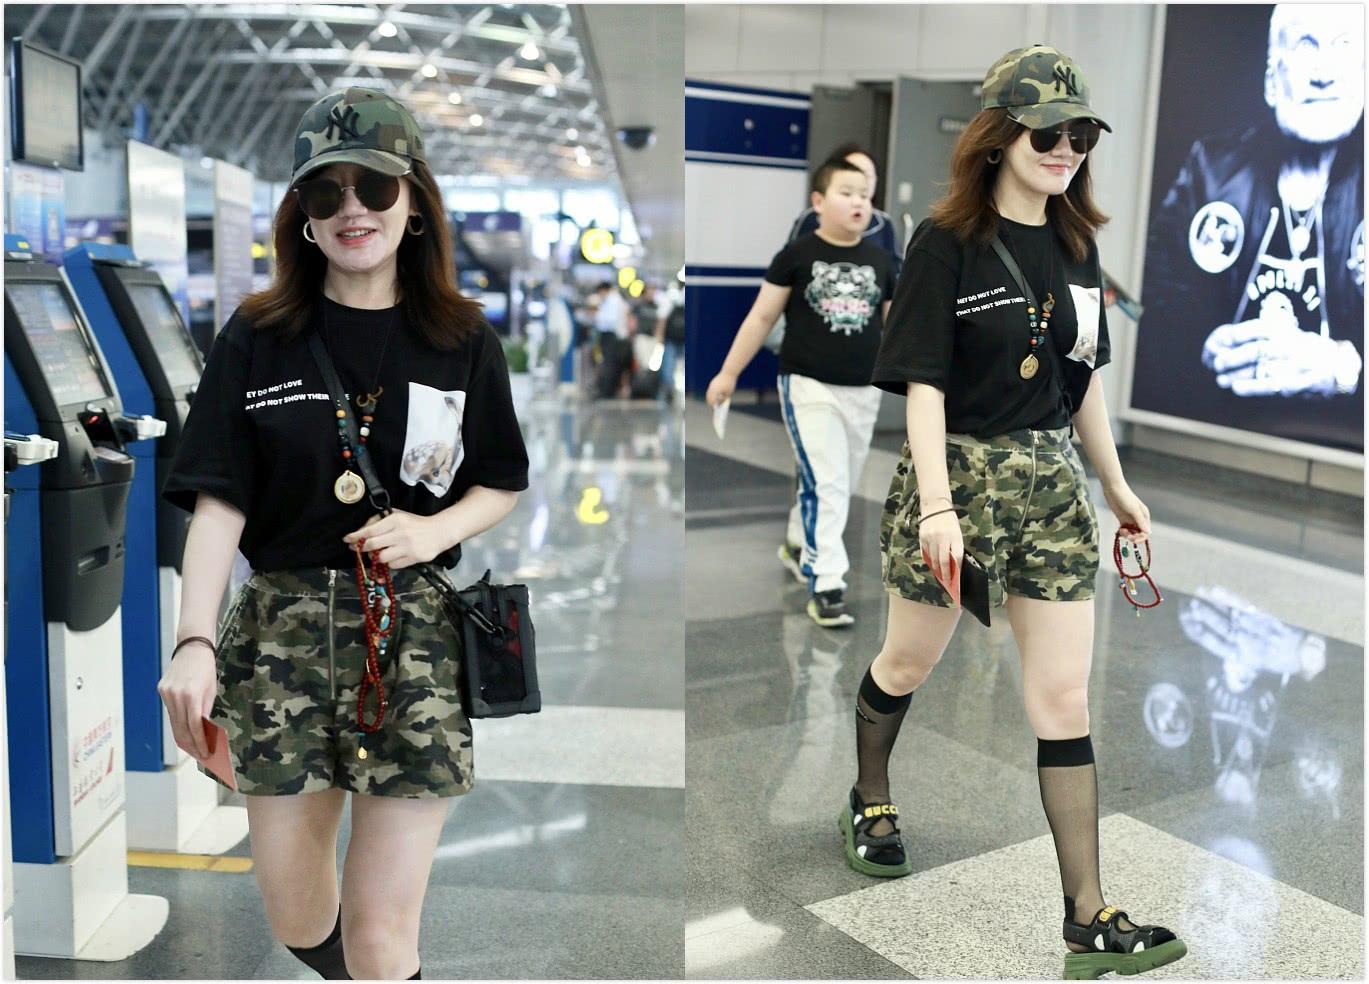 41岁薛佳凝现身,穿T恤迷彩短裤配黑色丝袜,笑容甜美似少女